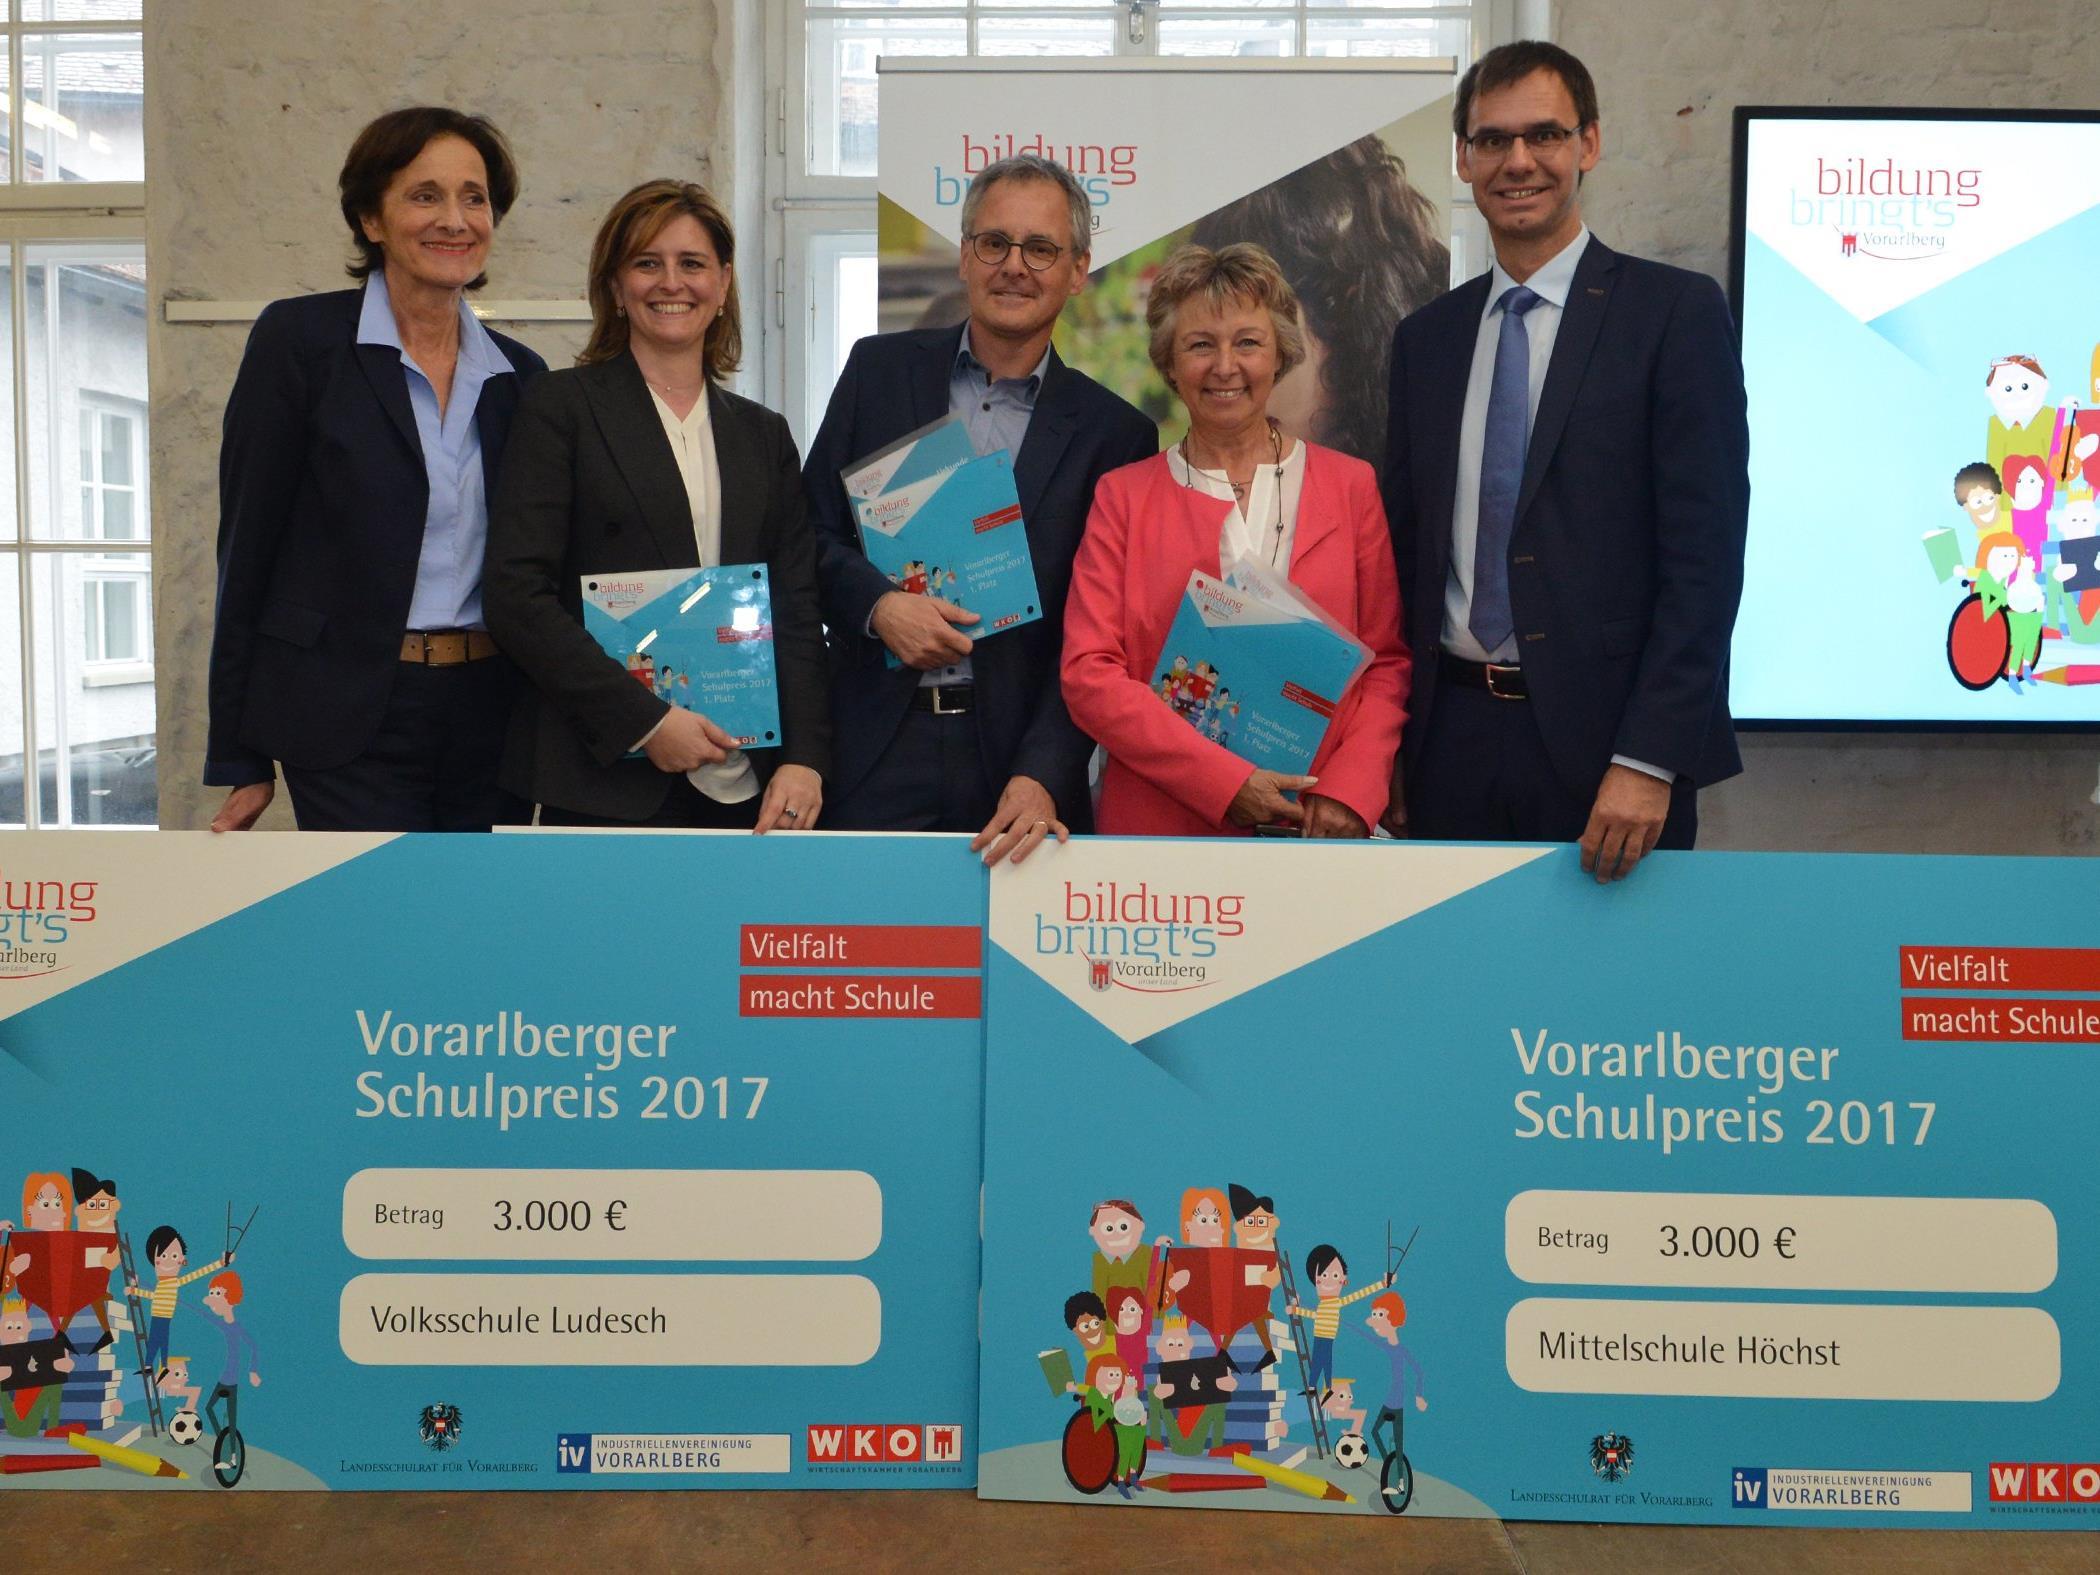 Vorarlberger Schulpreis 2017 für VS Ludesch, MS Höchst und HAK/HAS Lustenau